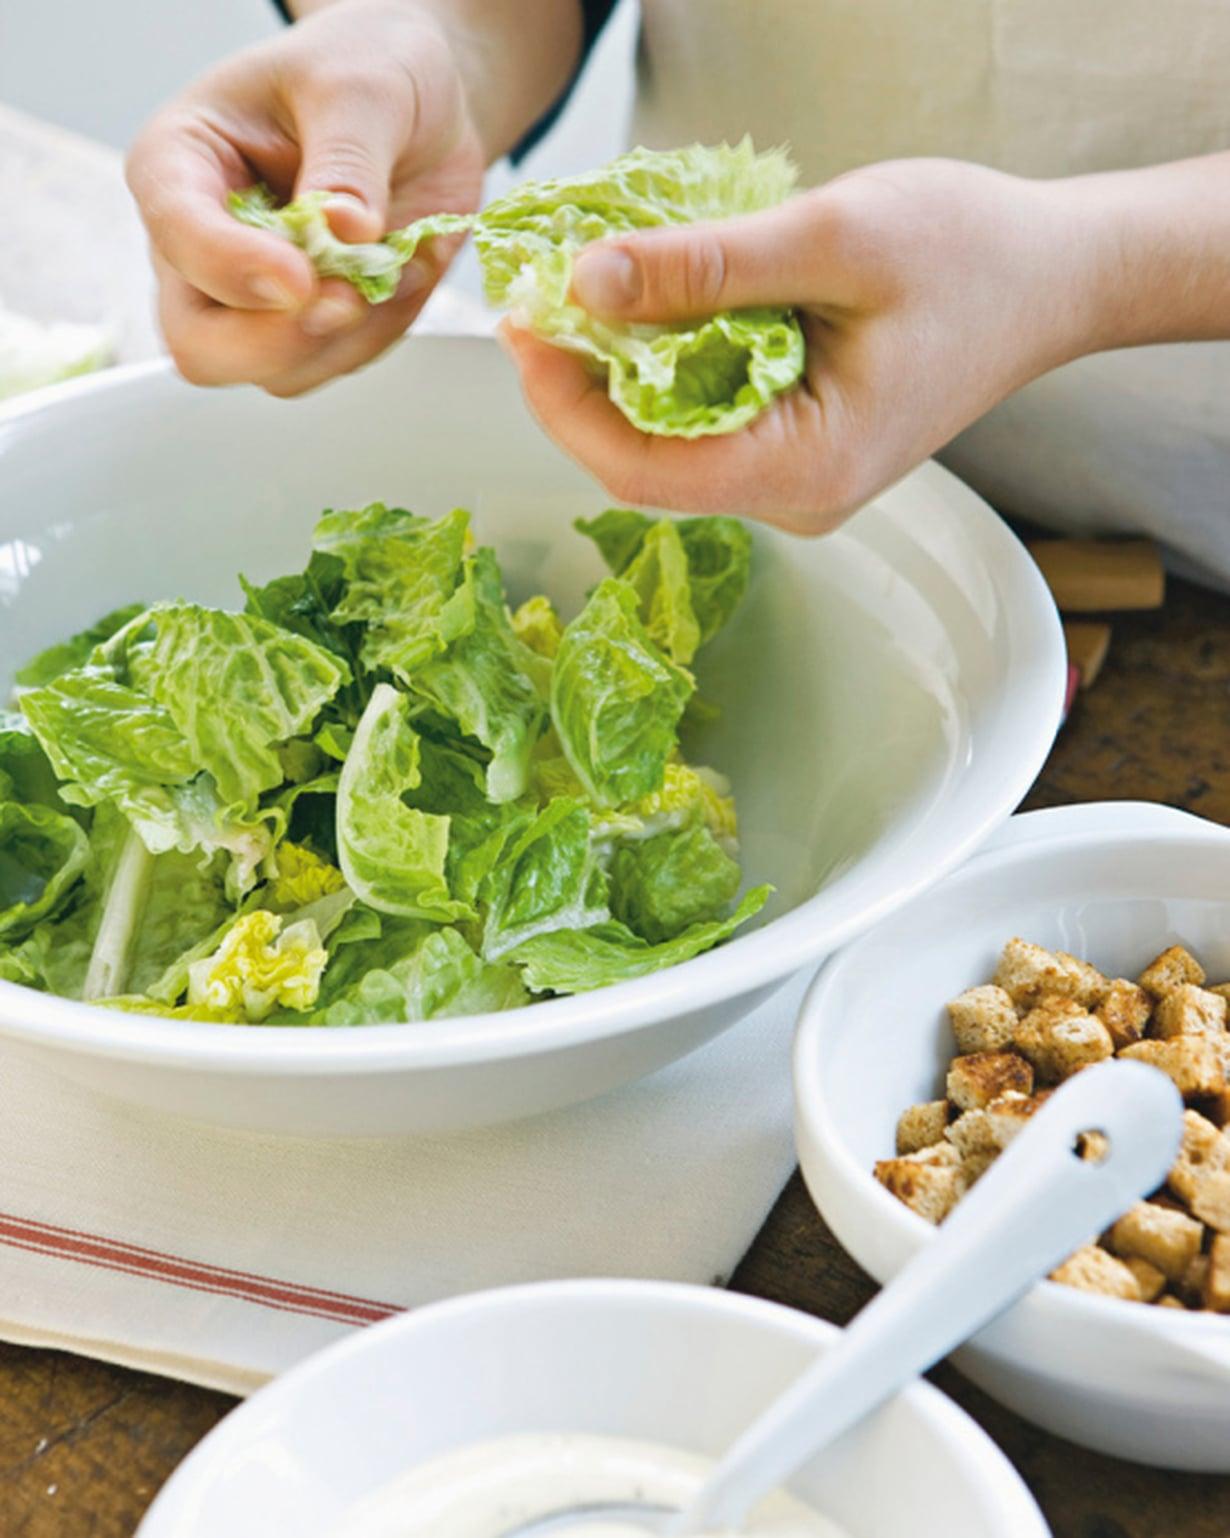 Revi salaatti kulhoon. Ruukkusalaatteja ei tarvitse pestä.